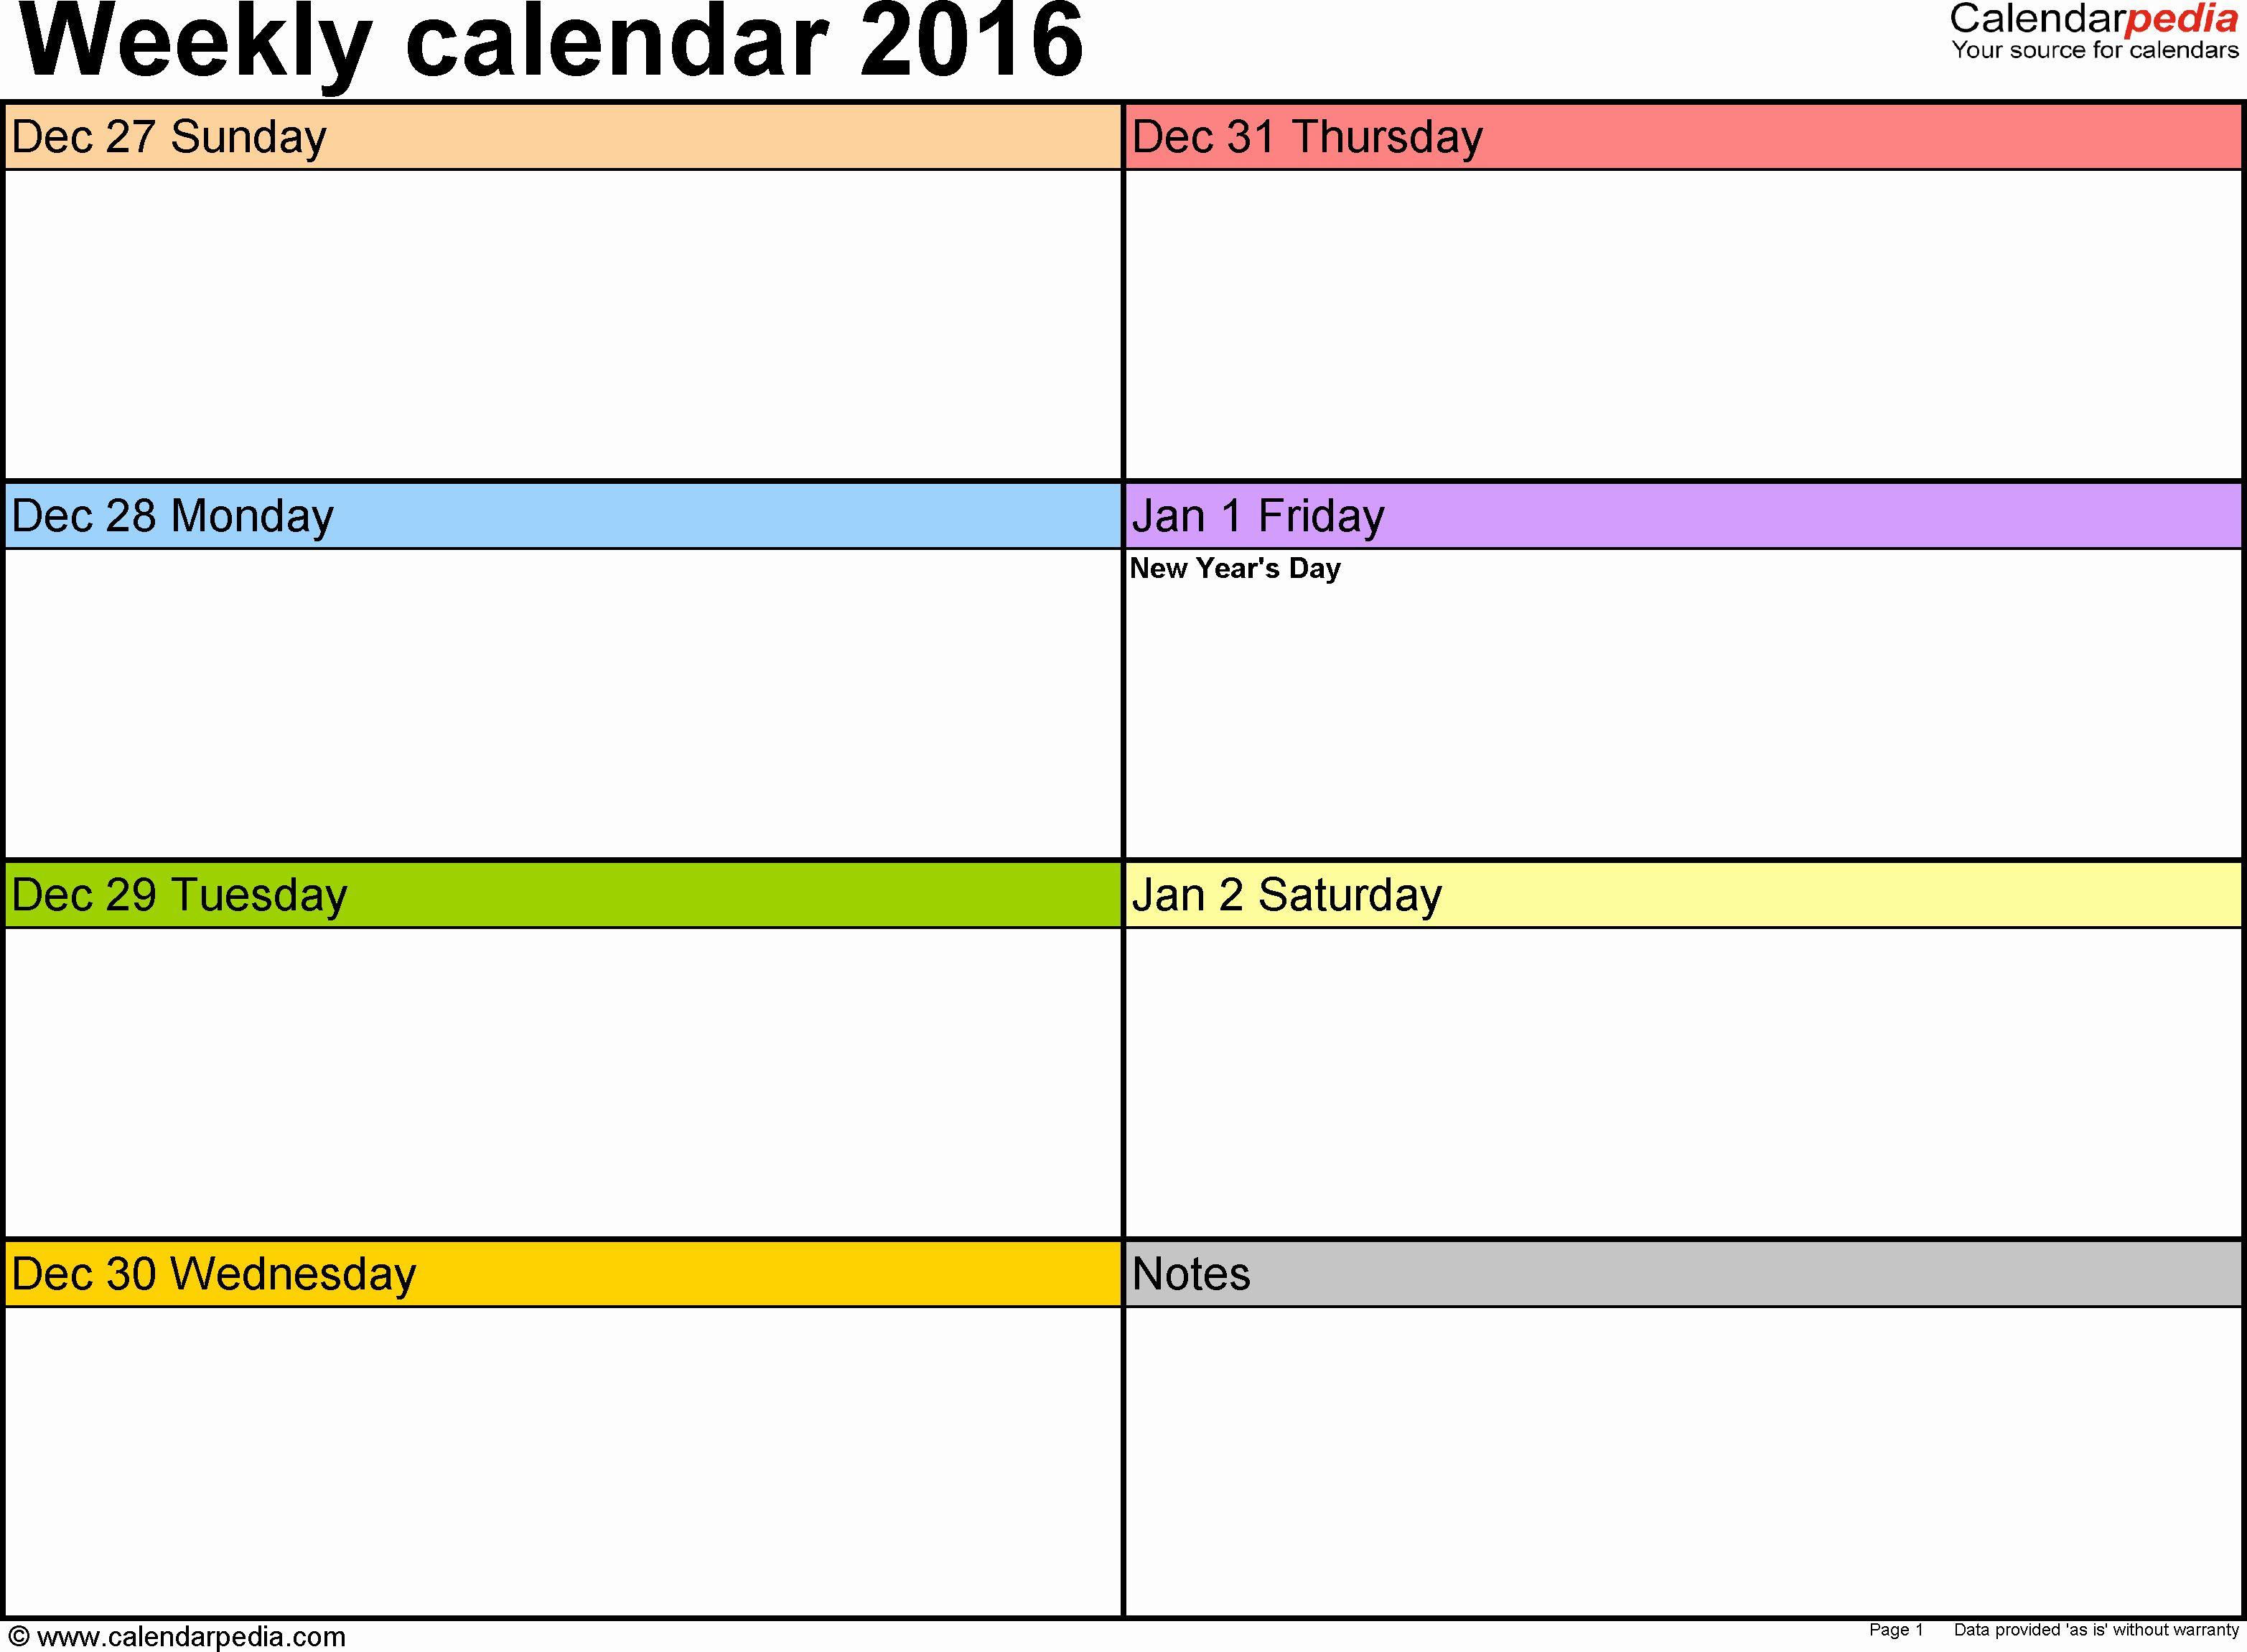 Week Schedule Template Word Beautiful Weekly Calendar 2016